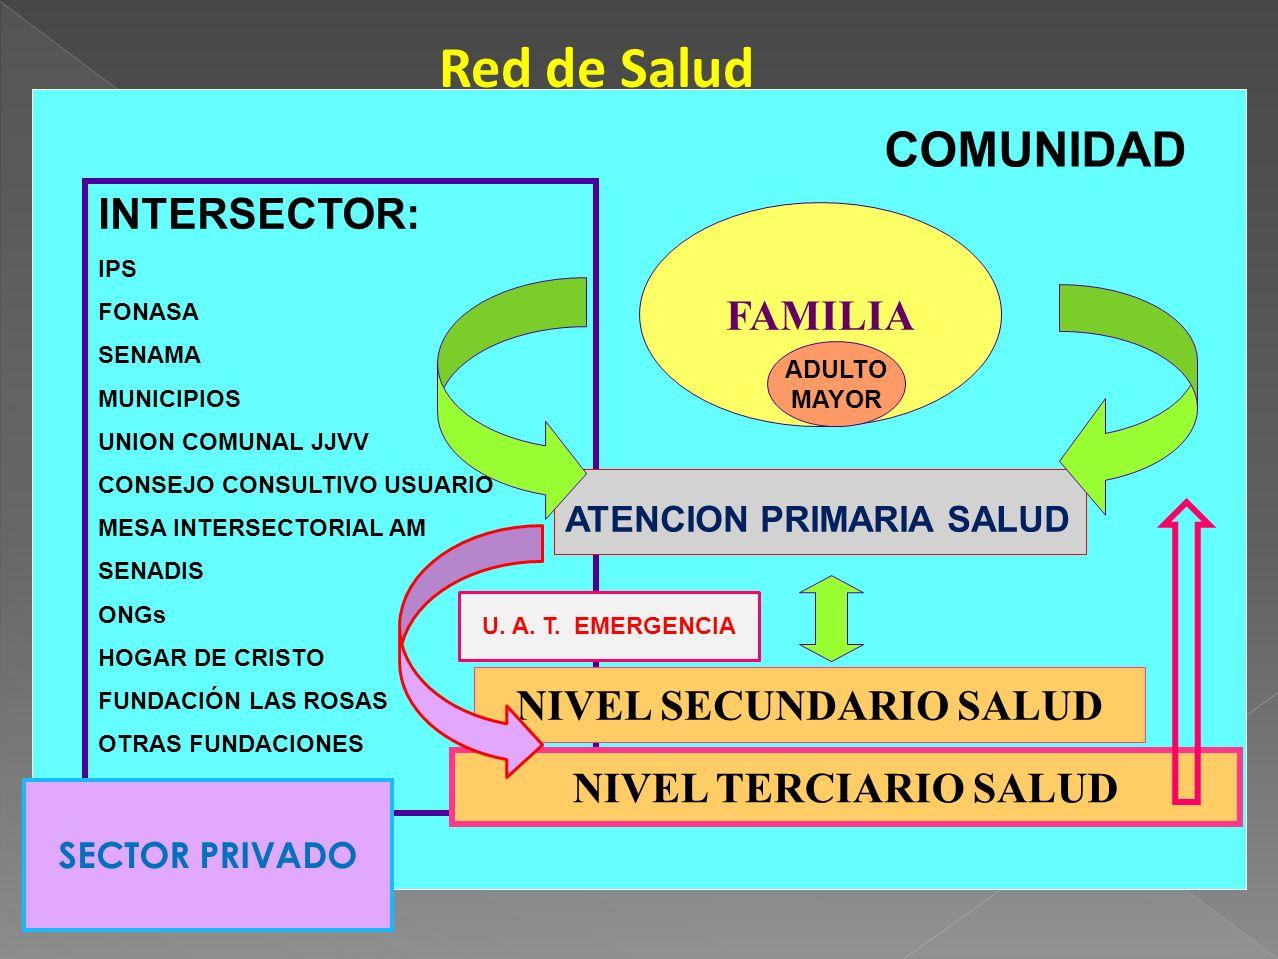 Red de Salud COMUNIDAD FAMILIA ADULTO MAYOR INTERSECTOR: IPS FONASA SENAMA MUNICIPIOS UNION COMUNAL JJVV CONSEJO CONSULTIVO USUARIO MESA INTERSECTORIA